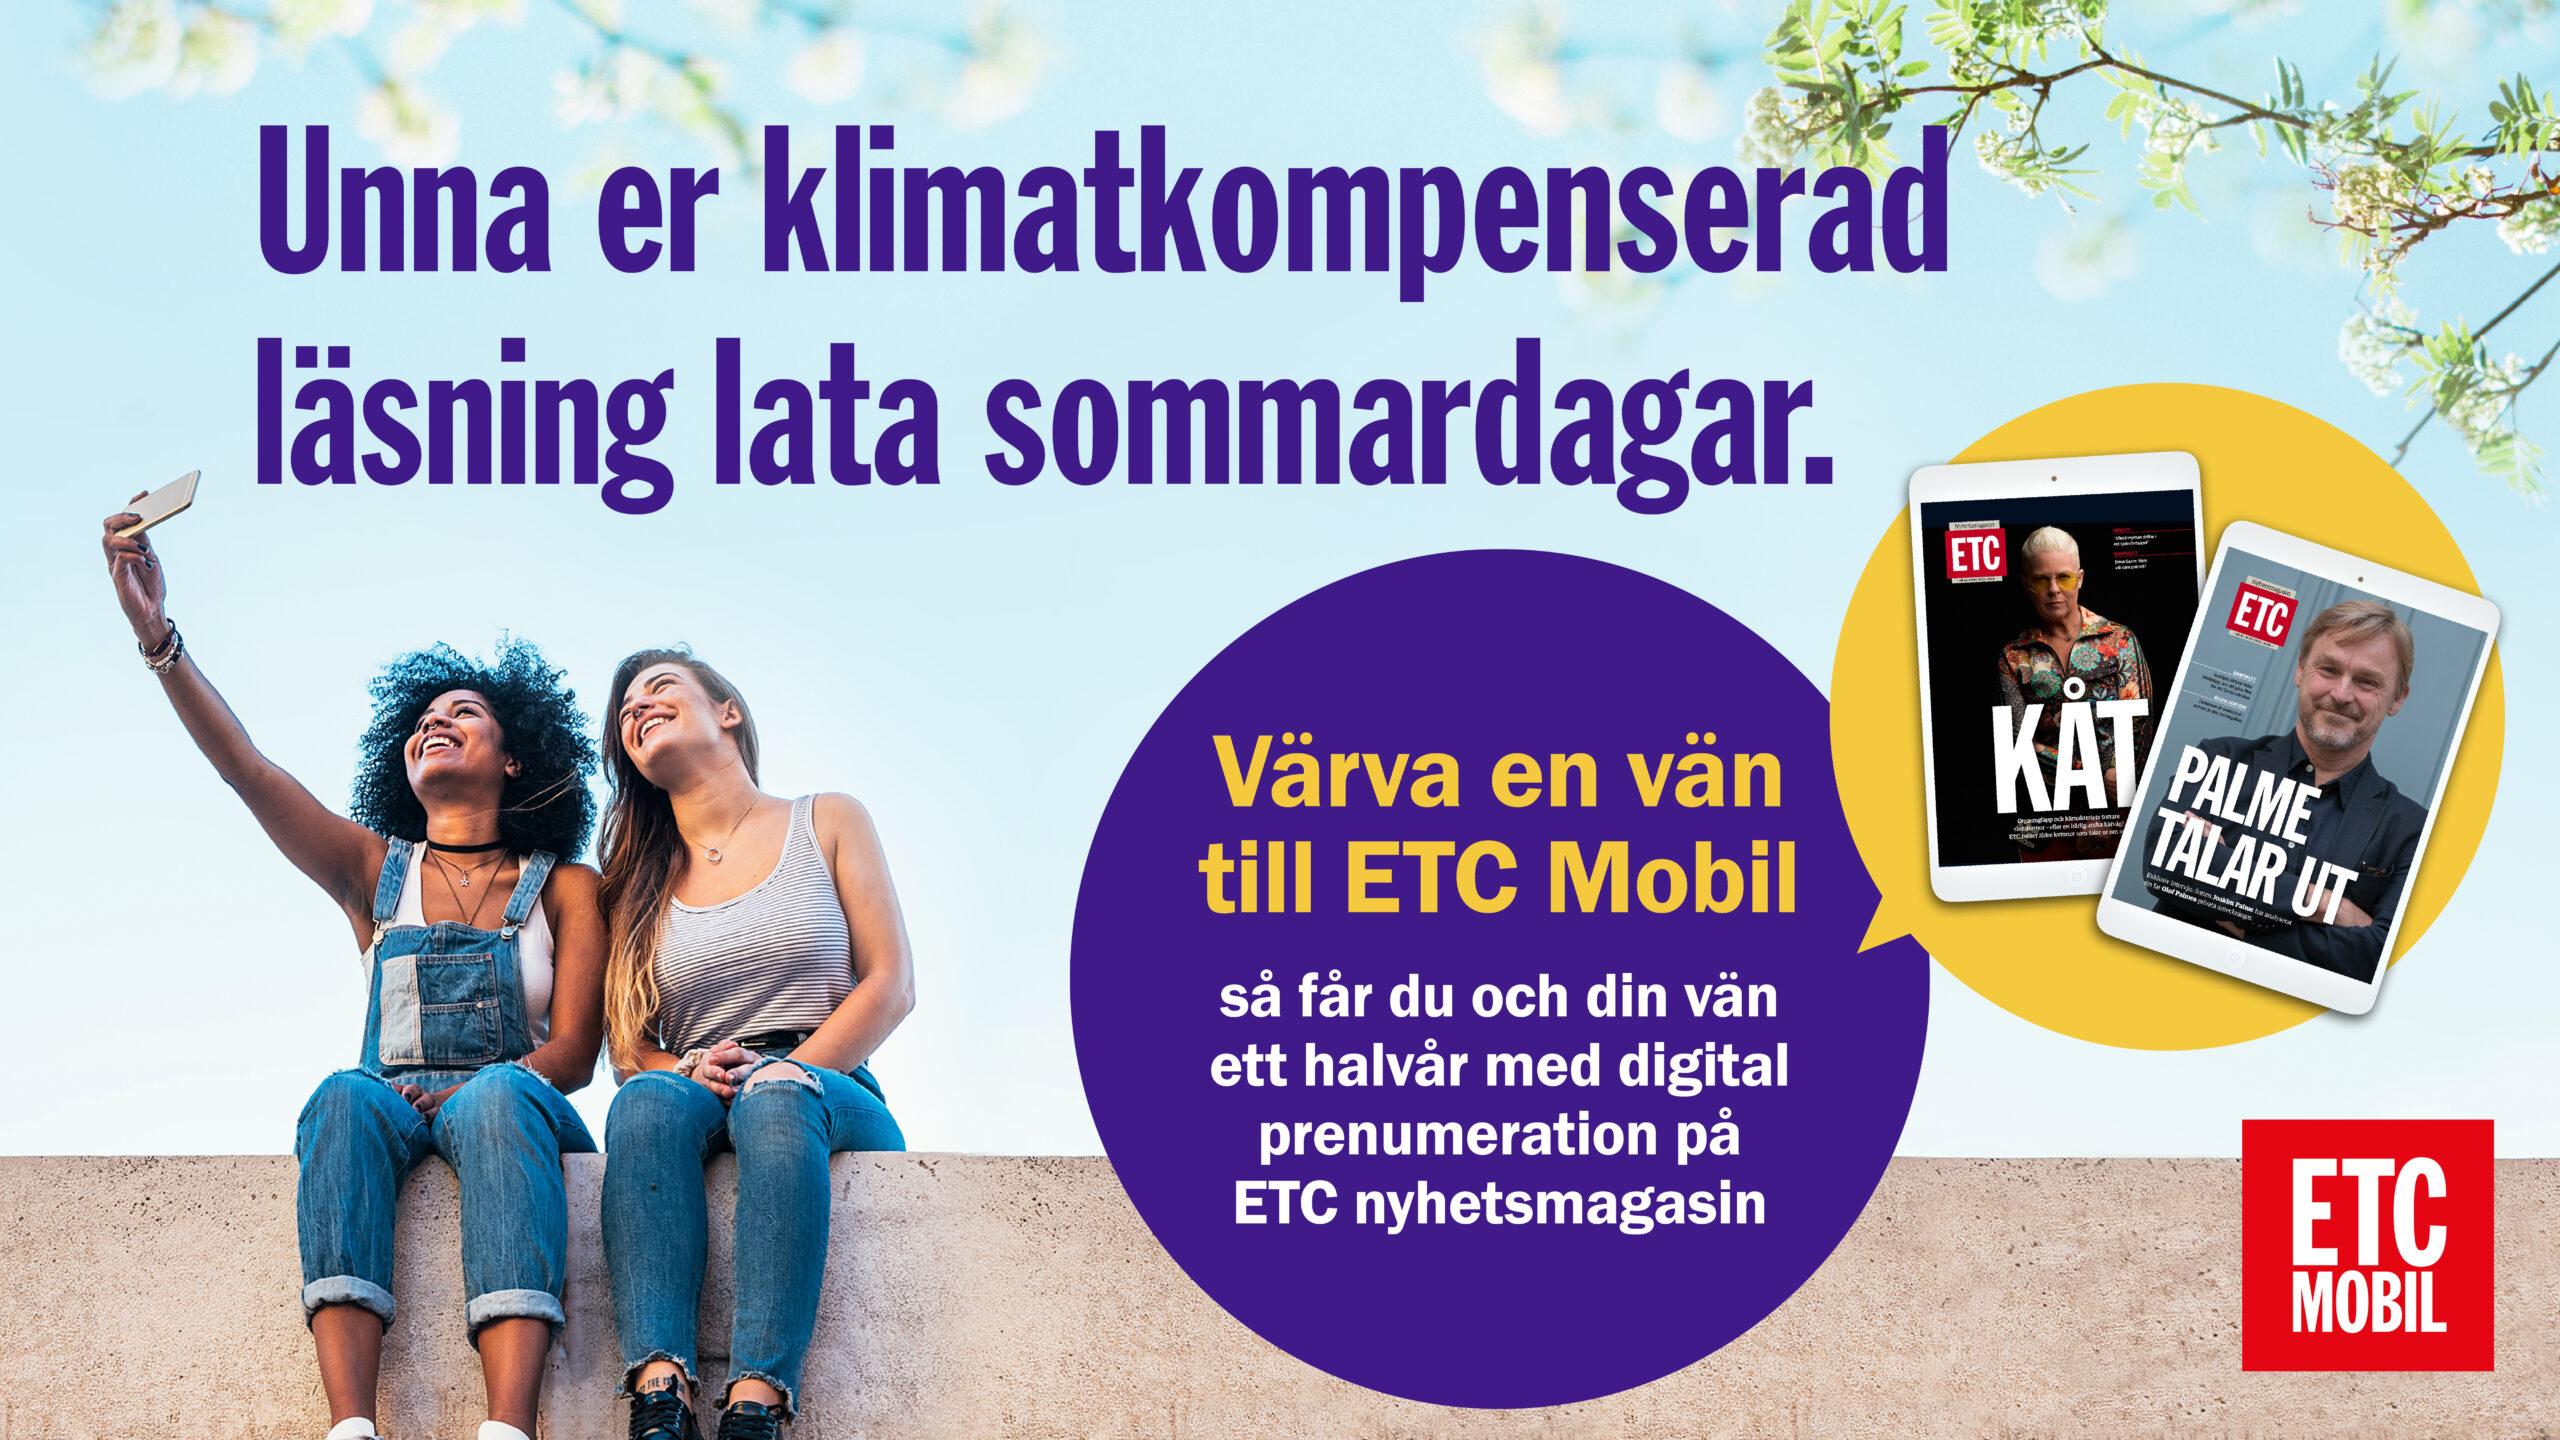 Värva en vän och få 6 månader med ETC nyhetsmagasin